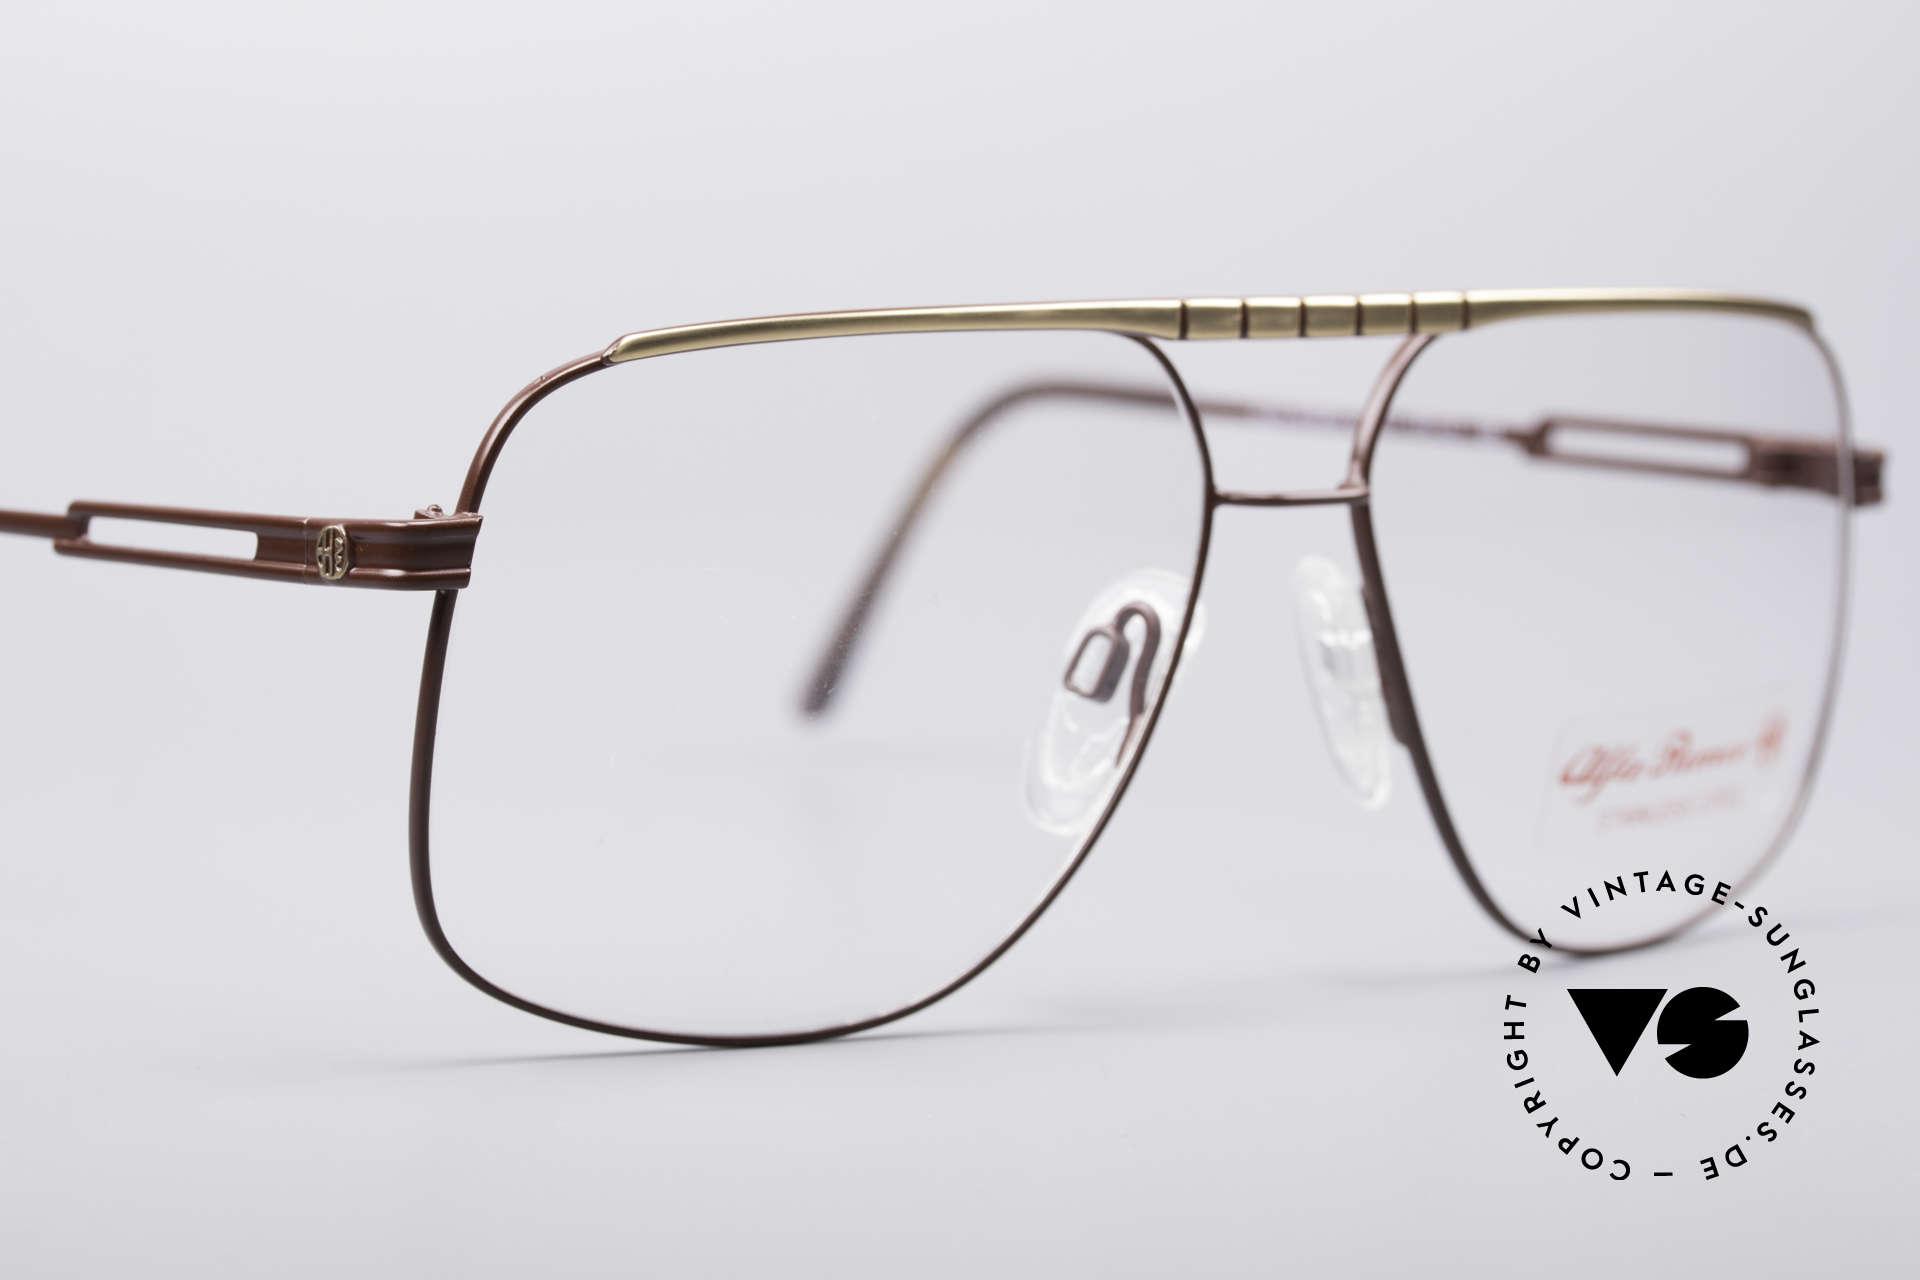 Alfa Romeo 60-252 80er Vintage Brille, ungetragen (wie alle unsere Alfa Romeo vintage Brillen), Passend für Herren